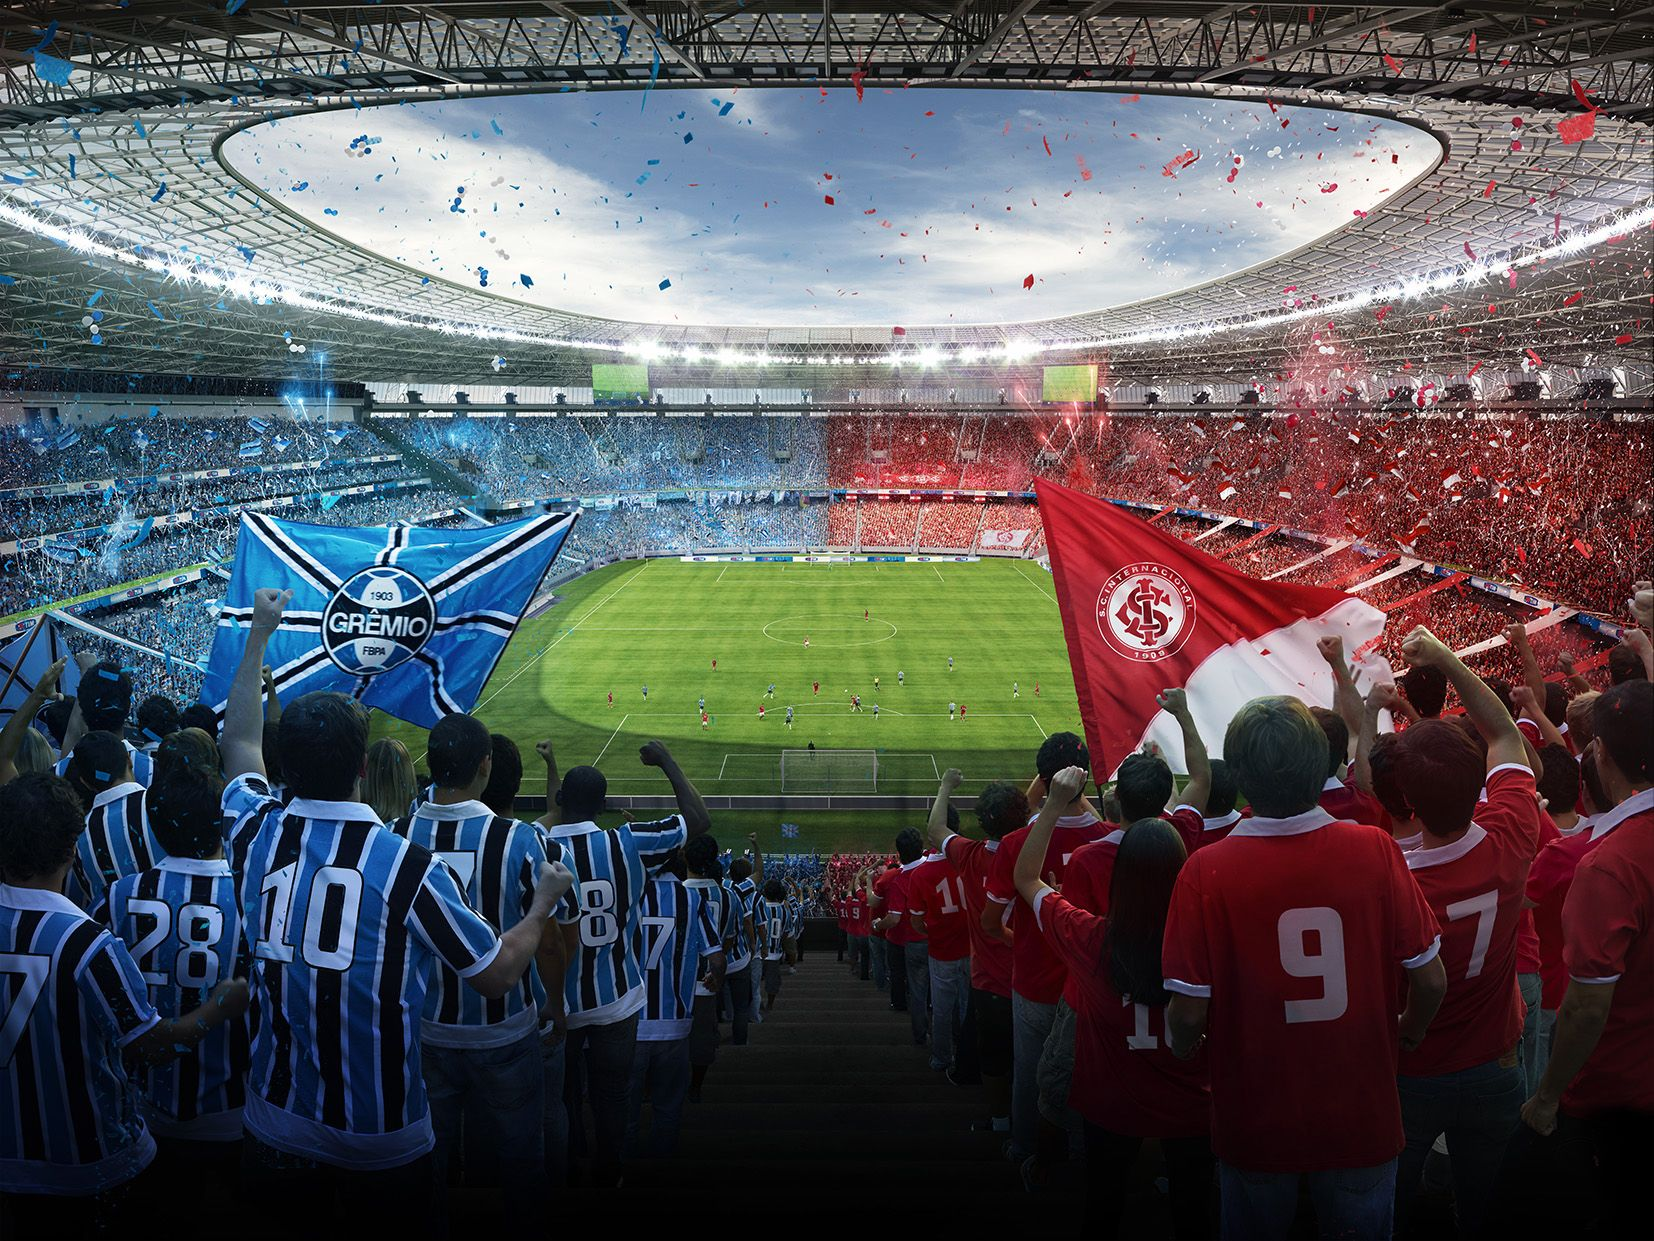 Grêmio x Internacional: saiba como assistir o Grenal pelo Gauchão AO VIVO  na TV | Fotos do gremio, Sc internacional, Internacional